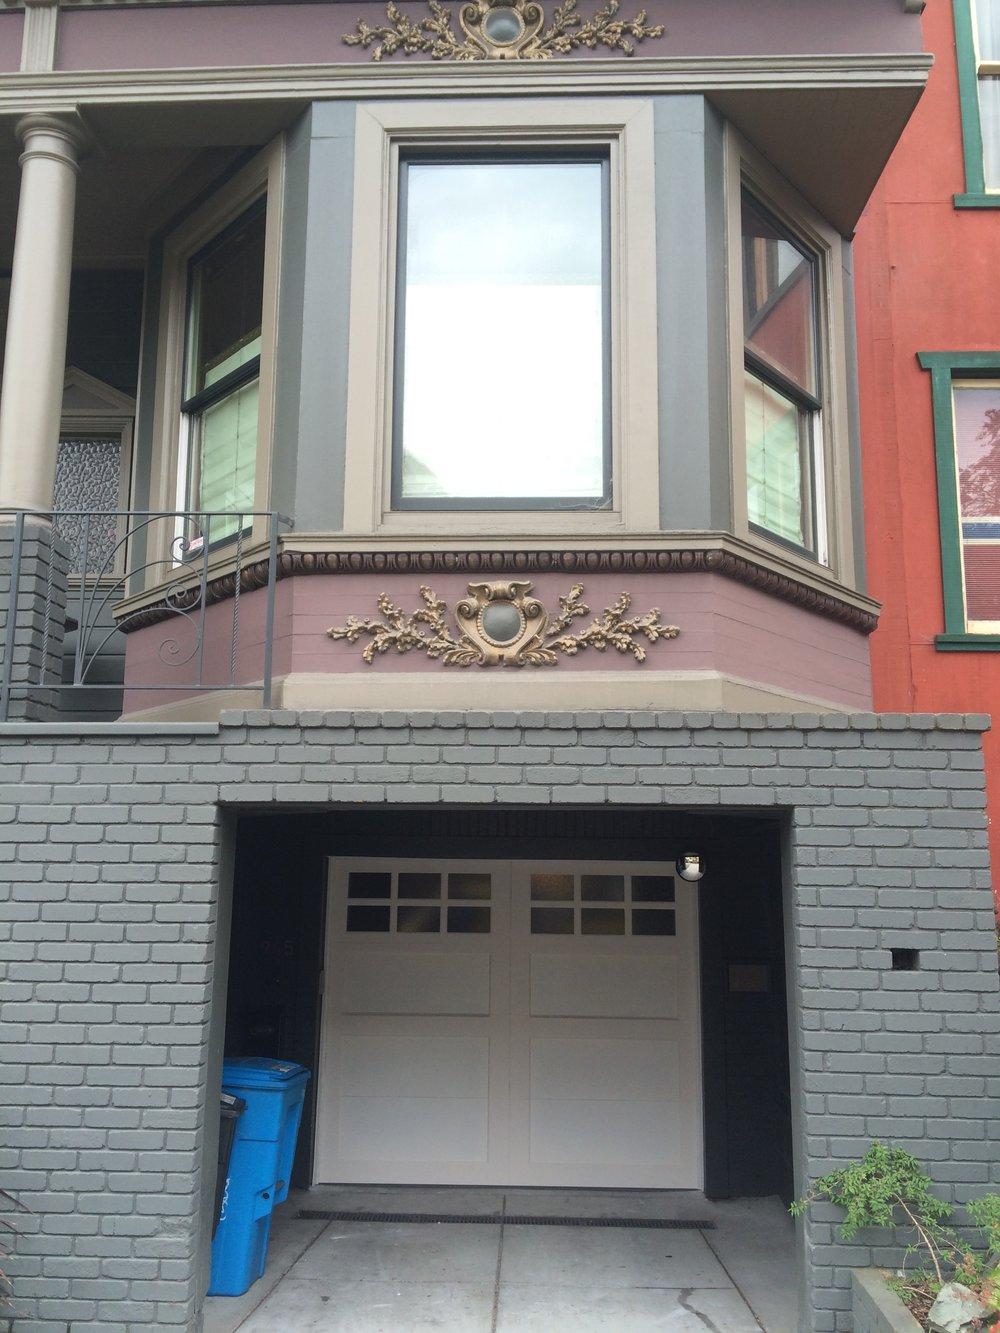 all bay garage doors - carriage house garage door - kevin chervatin - 14.jpg